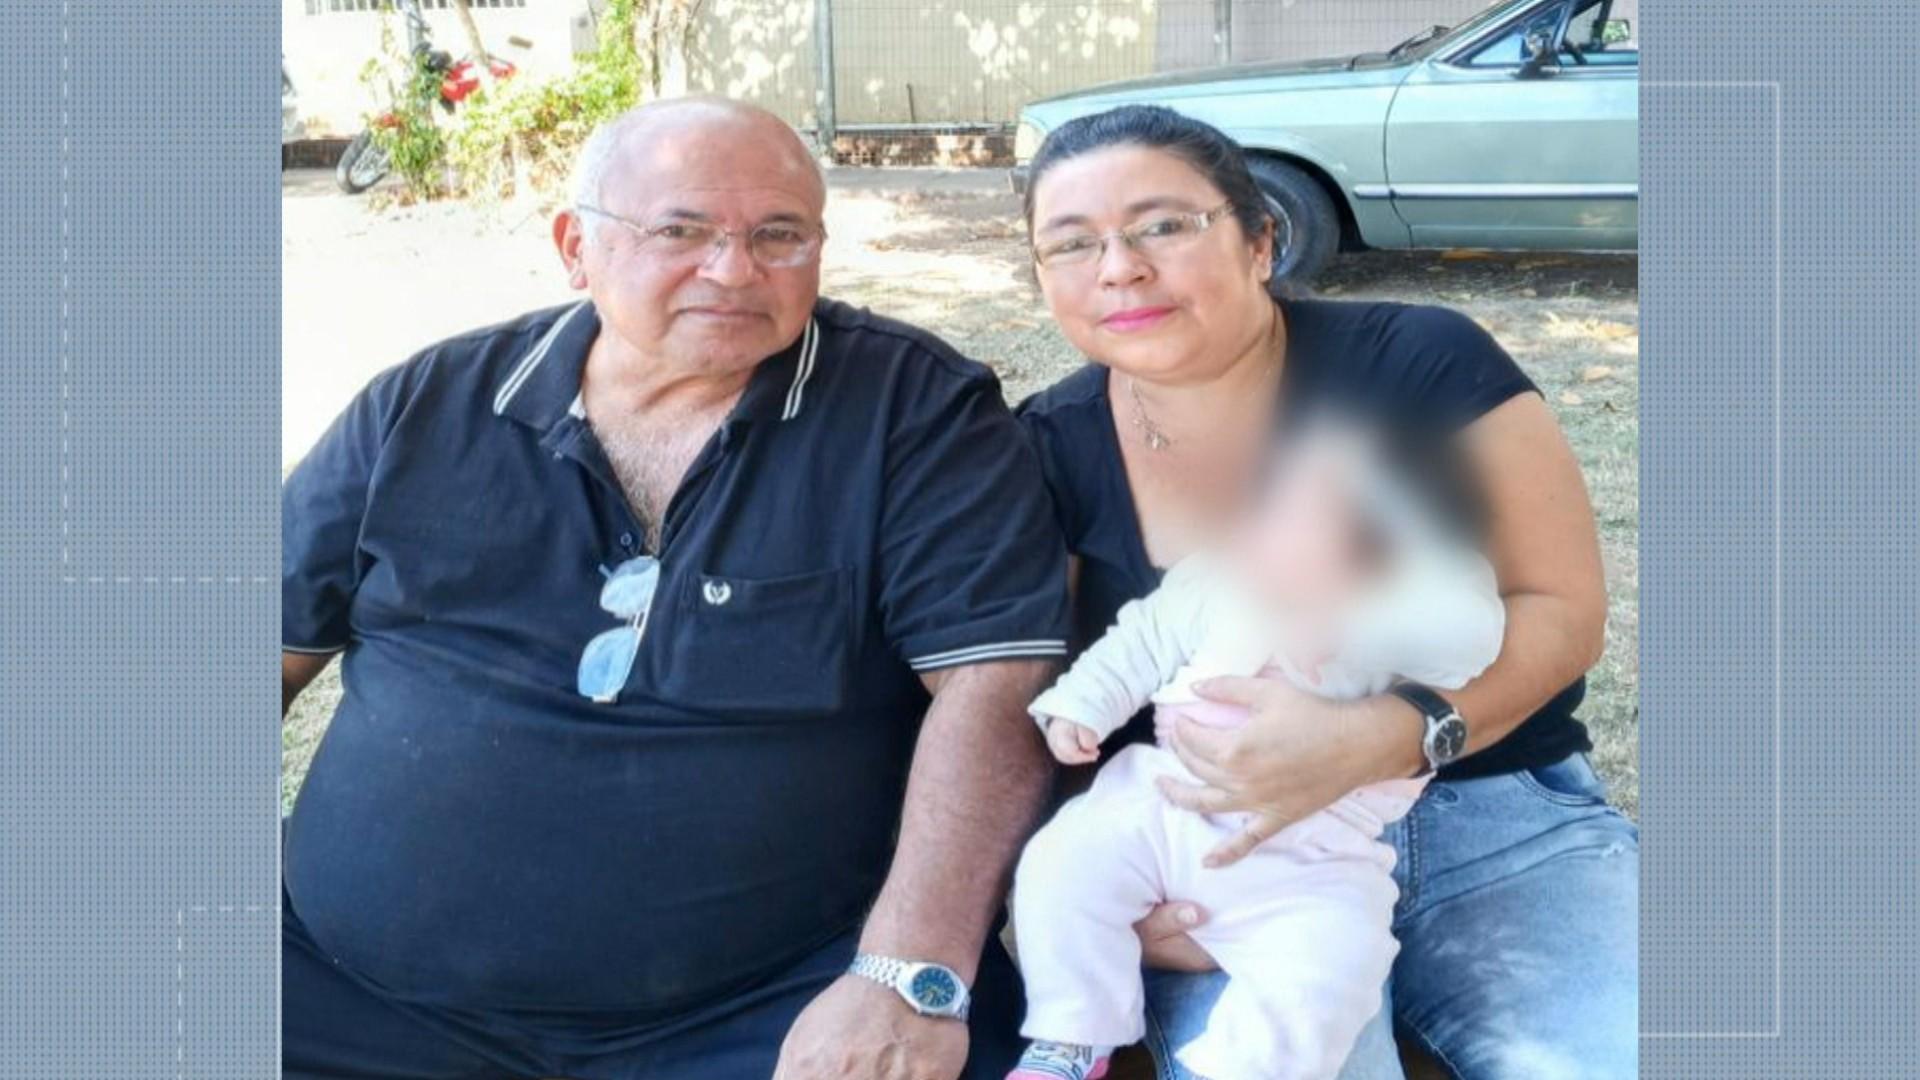 'Perdi a nossa companheira', diz marido de paciente que morreu após falha de distribuição de oxigênio em hospital no RS